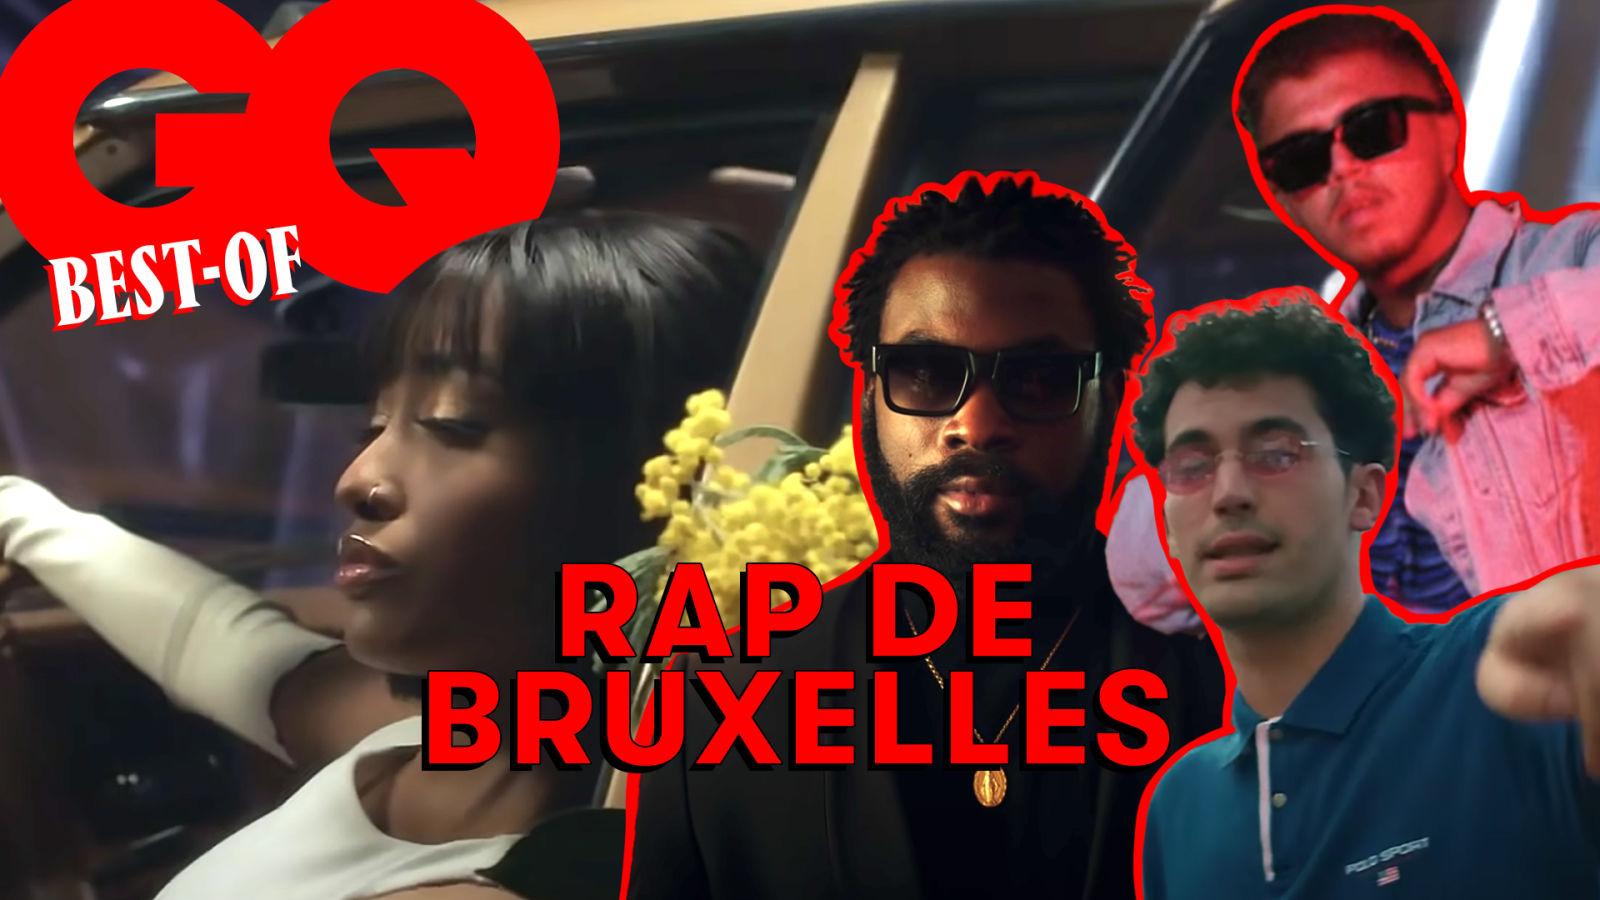 Bruxelles jugé par le rap français | BEST OF 2021